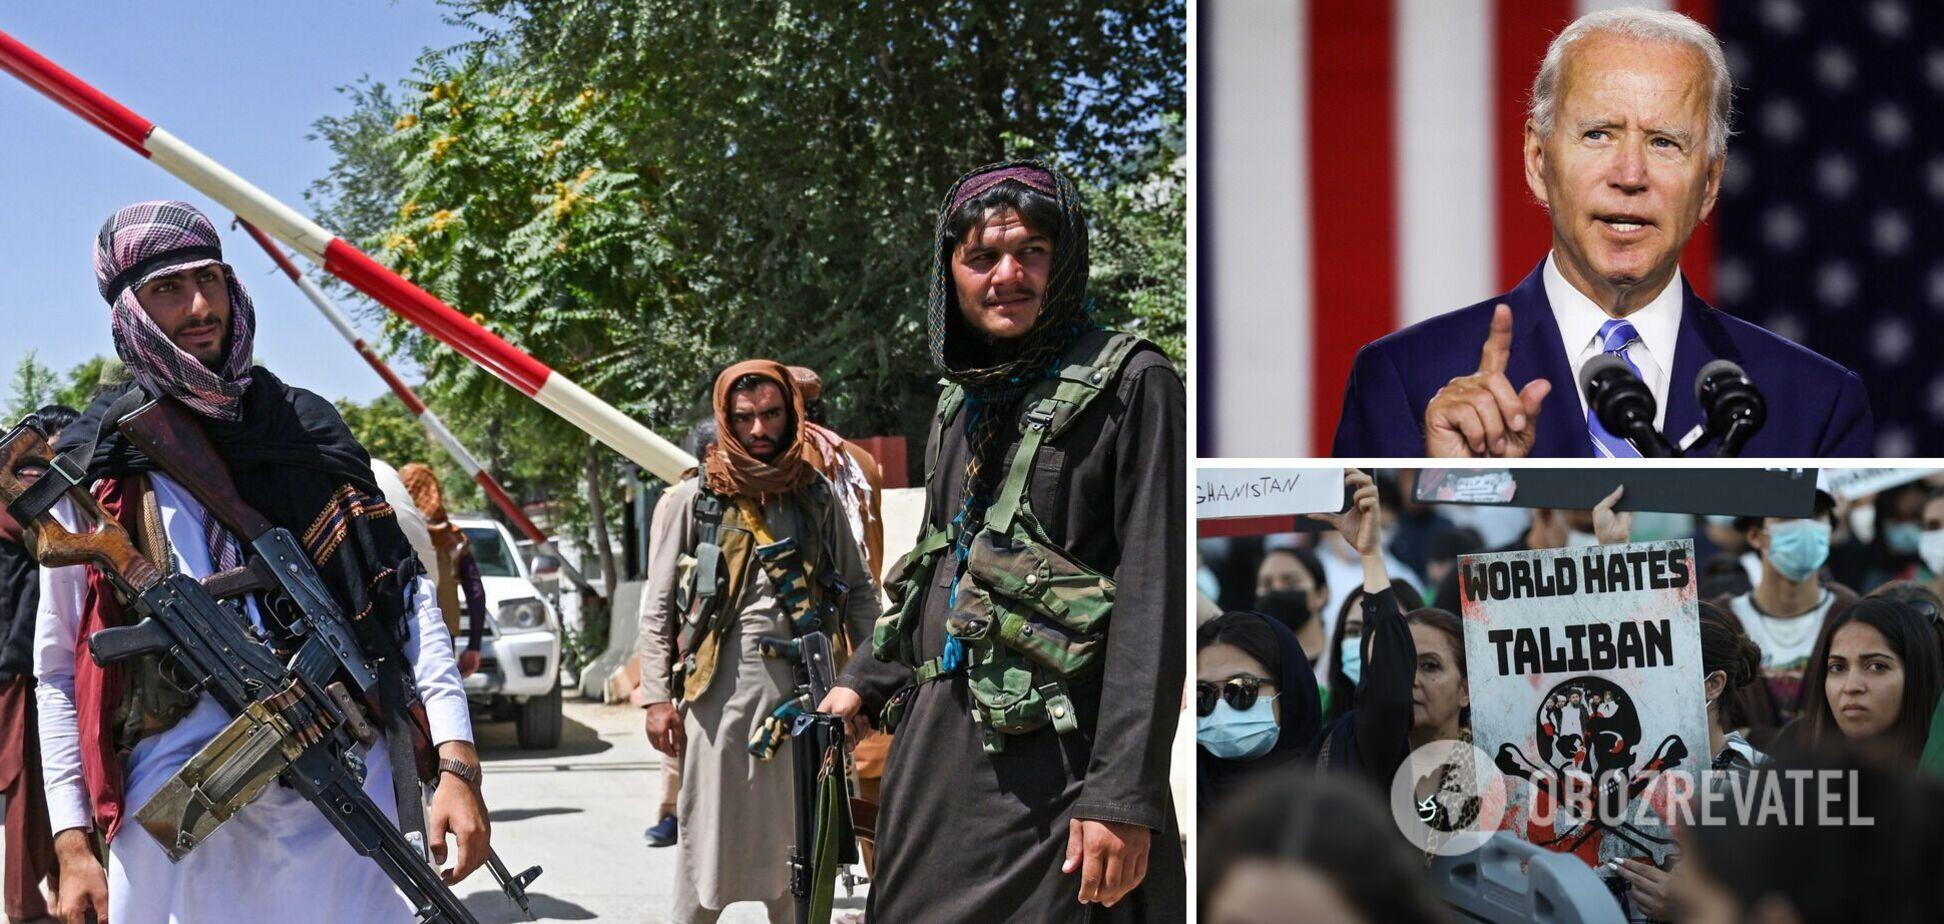 Таліби збираються оголосити про створення Ісламської емірату в Афганістані